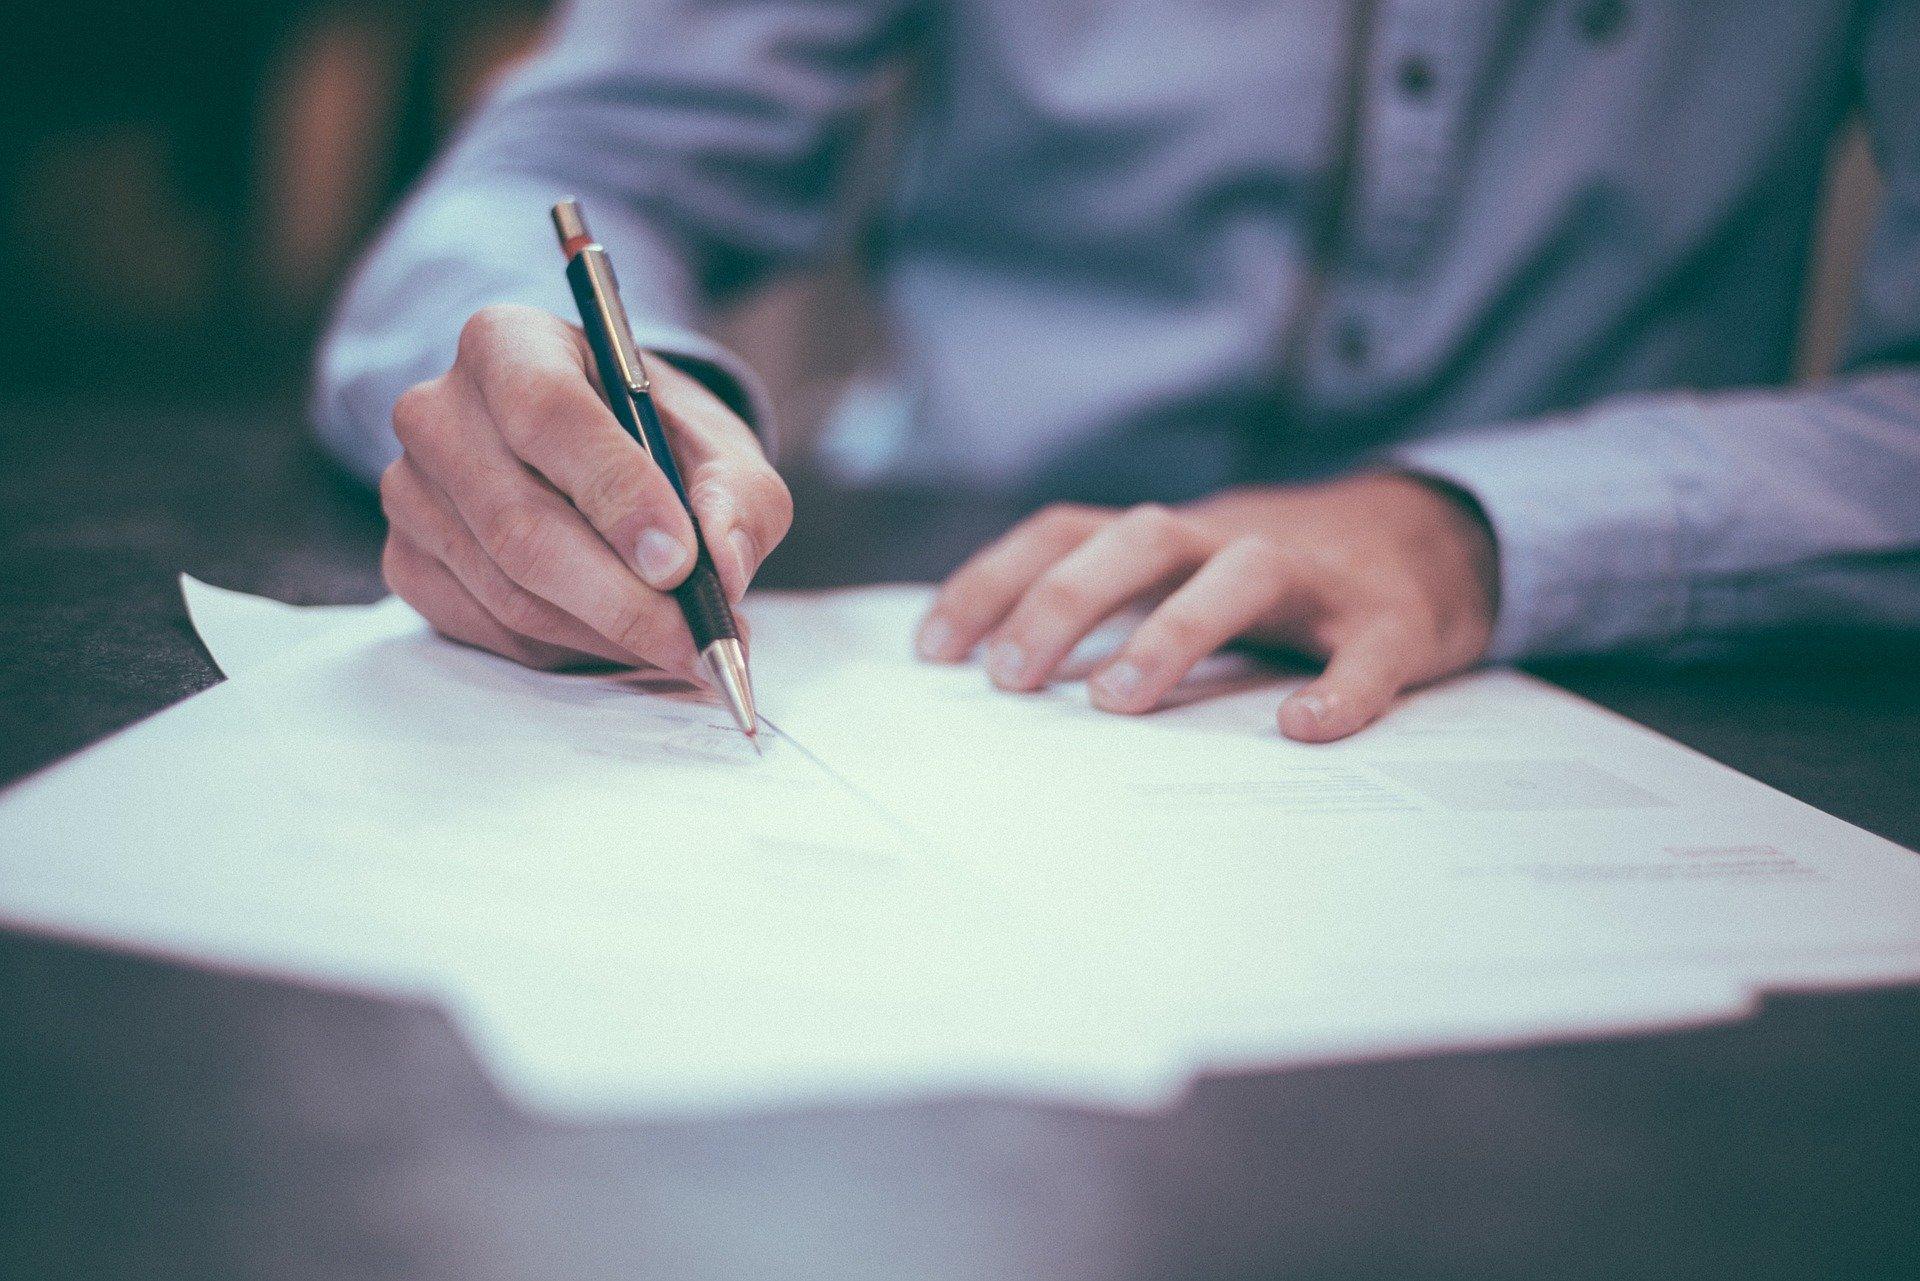 Diploma in amministrazione e marketing finanziario, come funziona?